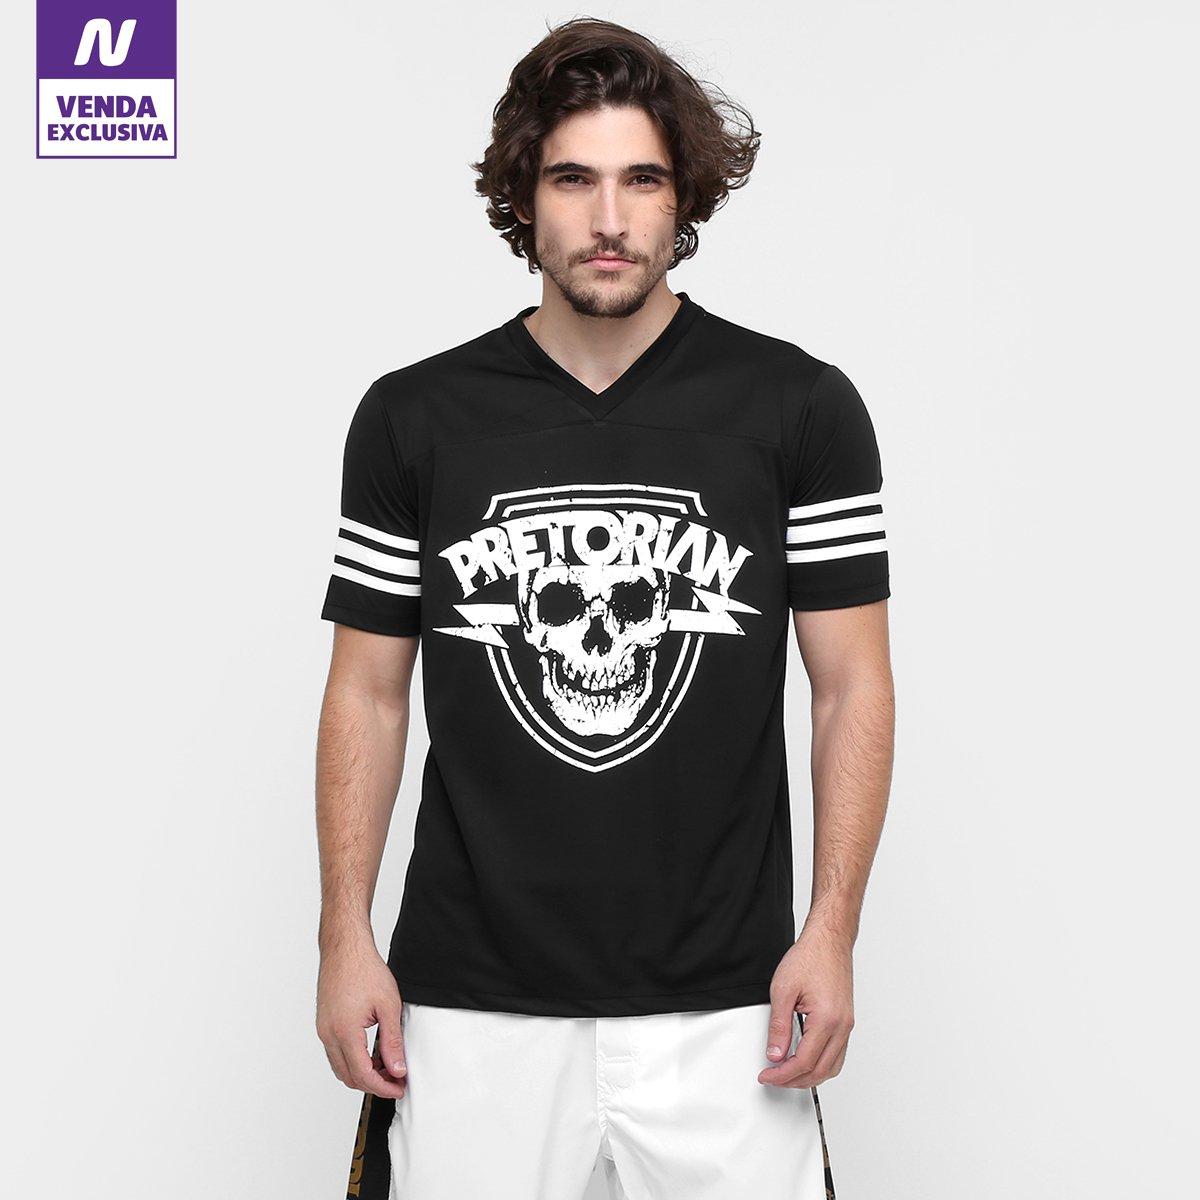 6f7572f1a9 Camiseta Pretorian American 2 Masculina